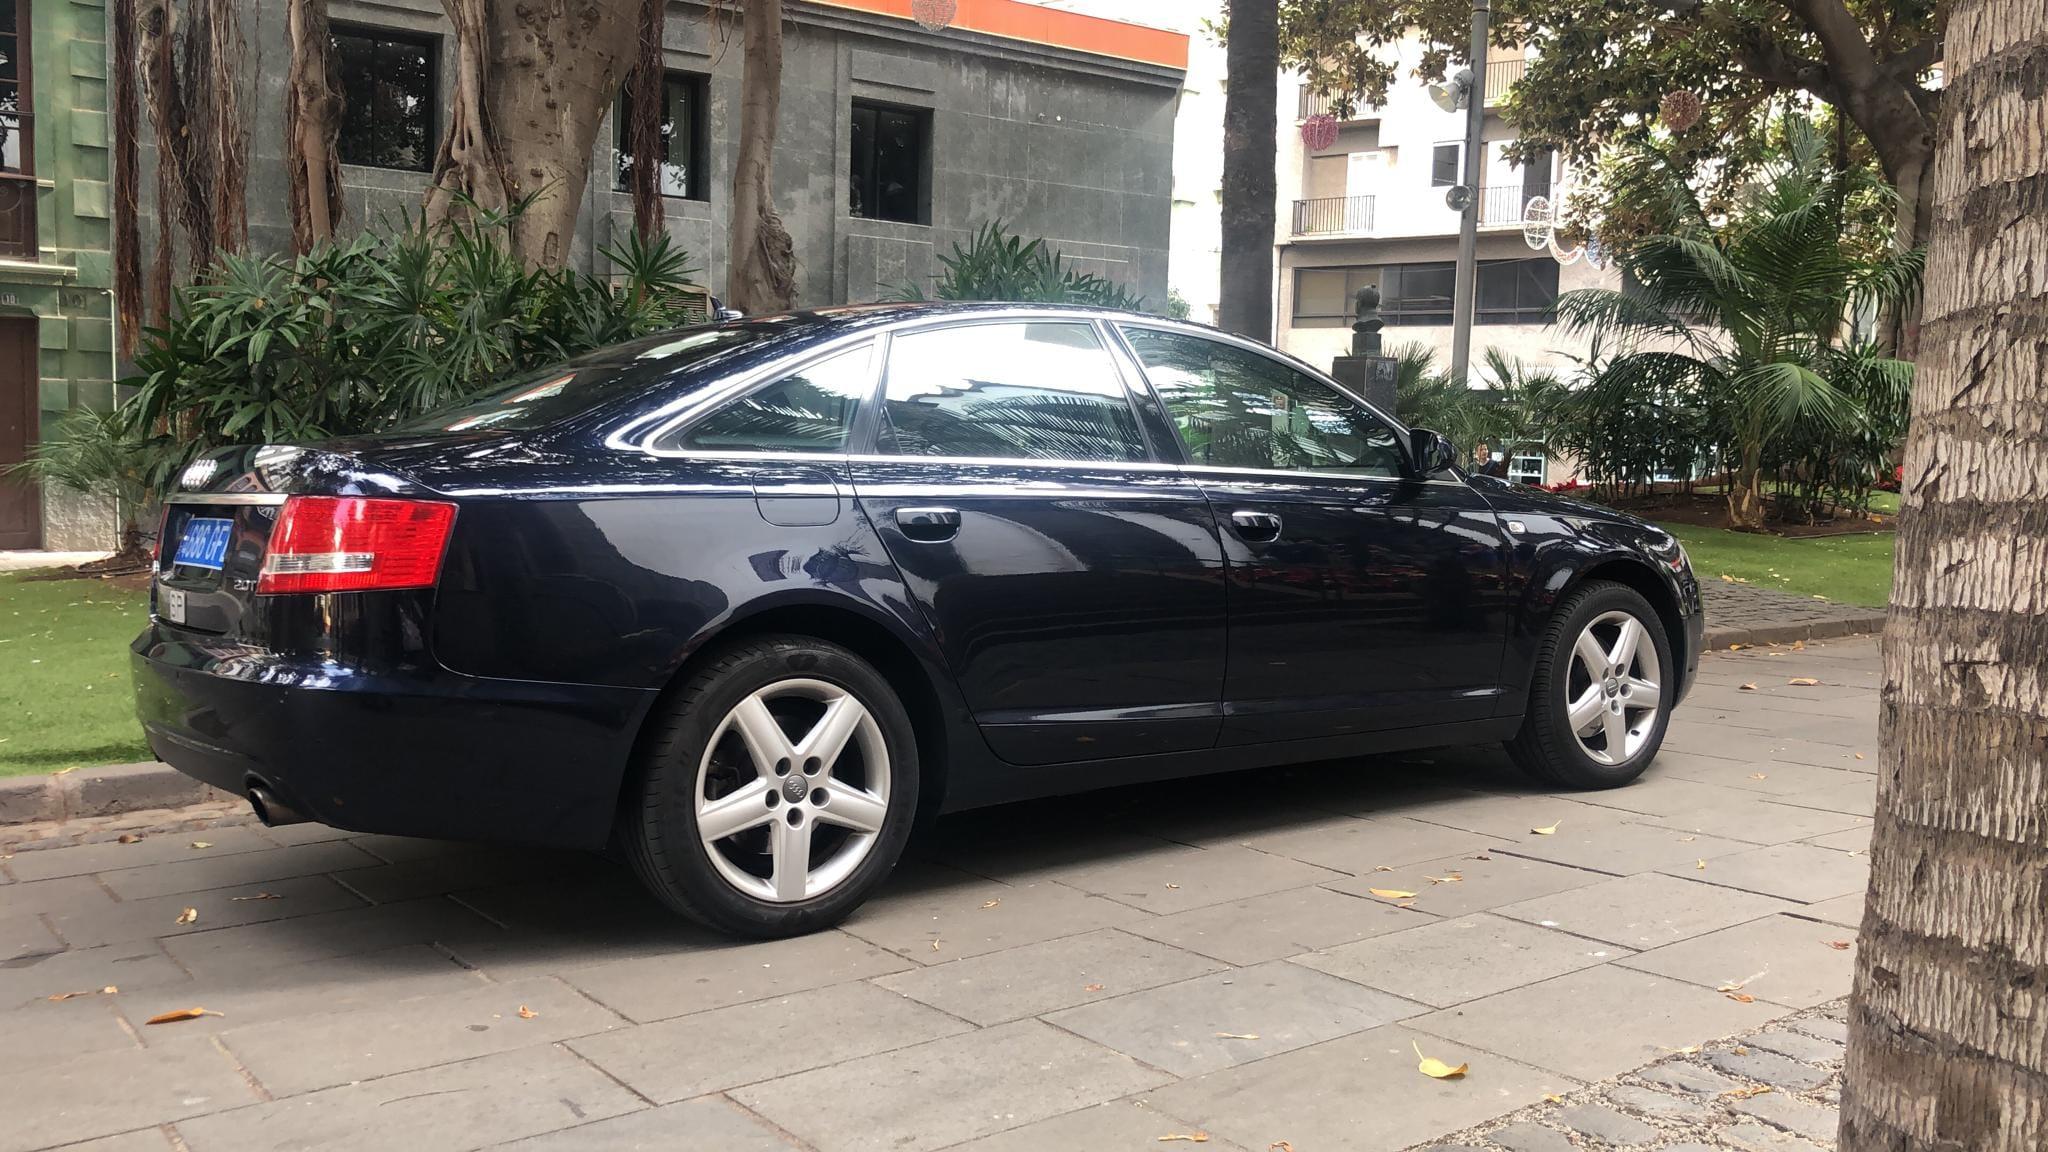 Audi-ciudad-1.jpeg